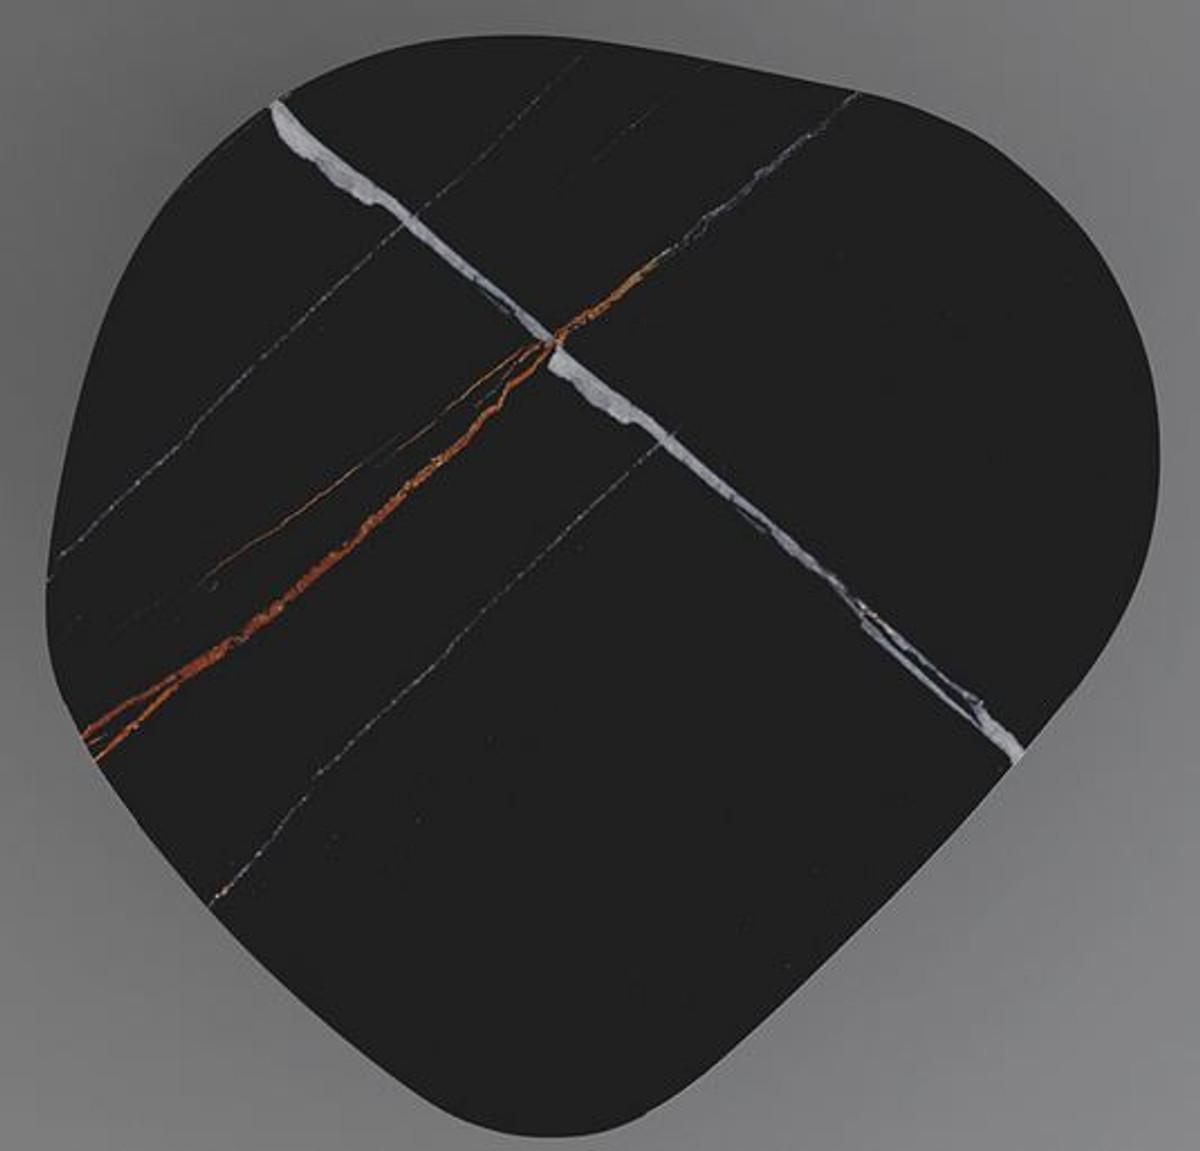 Casa Padrino Designer Couchtisch 109 x 100 x H. 37 cm - Verschiedene Farben - Wohnzimmertisch mit edler Glaskeramik Tischplatte in Marmoroptik - Luxus Wohnzimmer Möbel 3